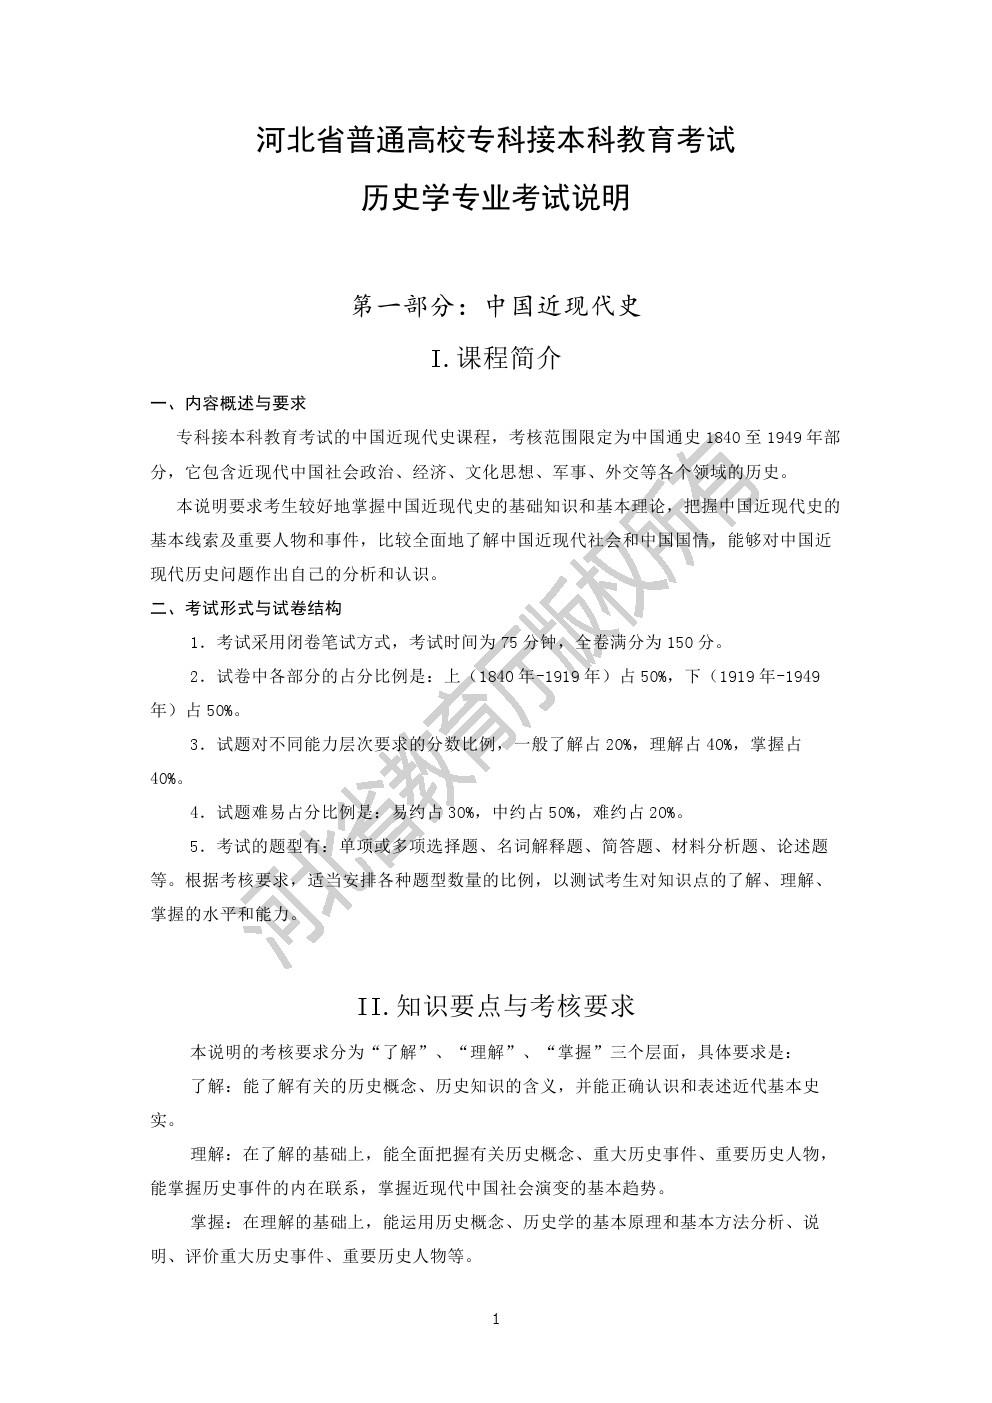 2020年河北省专接本考试文史类-历史学专业考试说明(中国近现代史、世界近现代史)